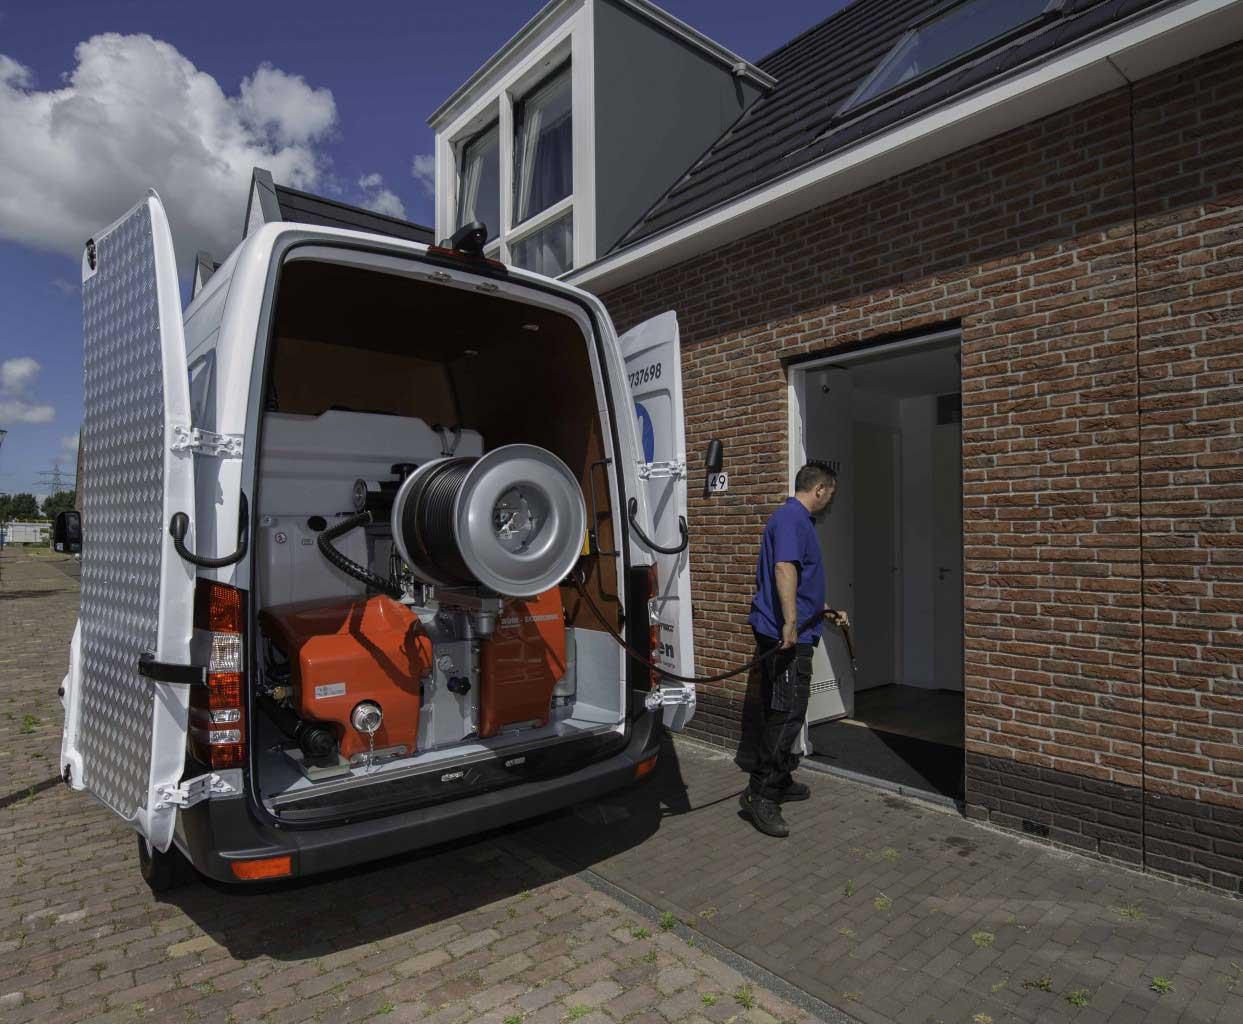 rioolvliegjes bestrijden? Bel Riool.nl gratis 0800-8881000. Wij werken in Amsterdam, Alphen aan den Rijn, Leiden, Den Haag, Rotterdam en Katwijk